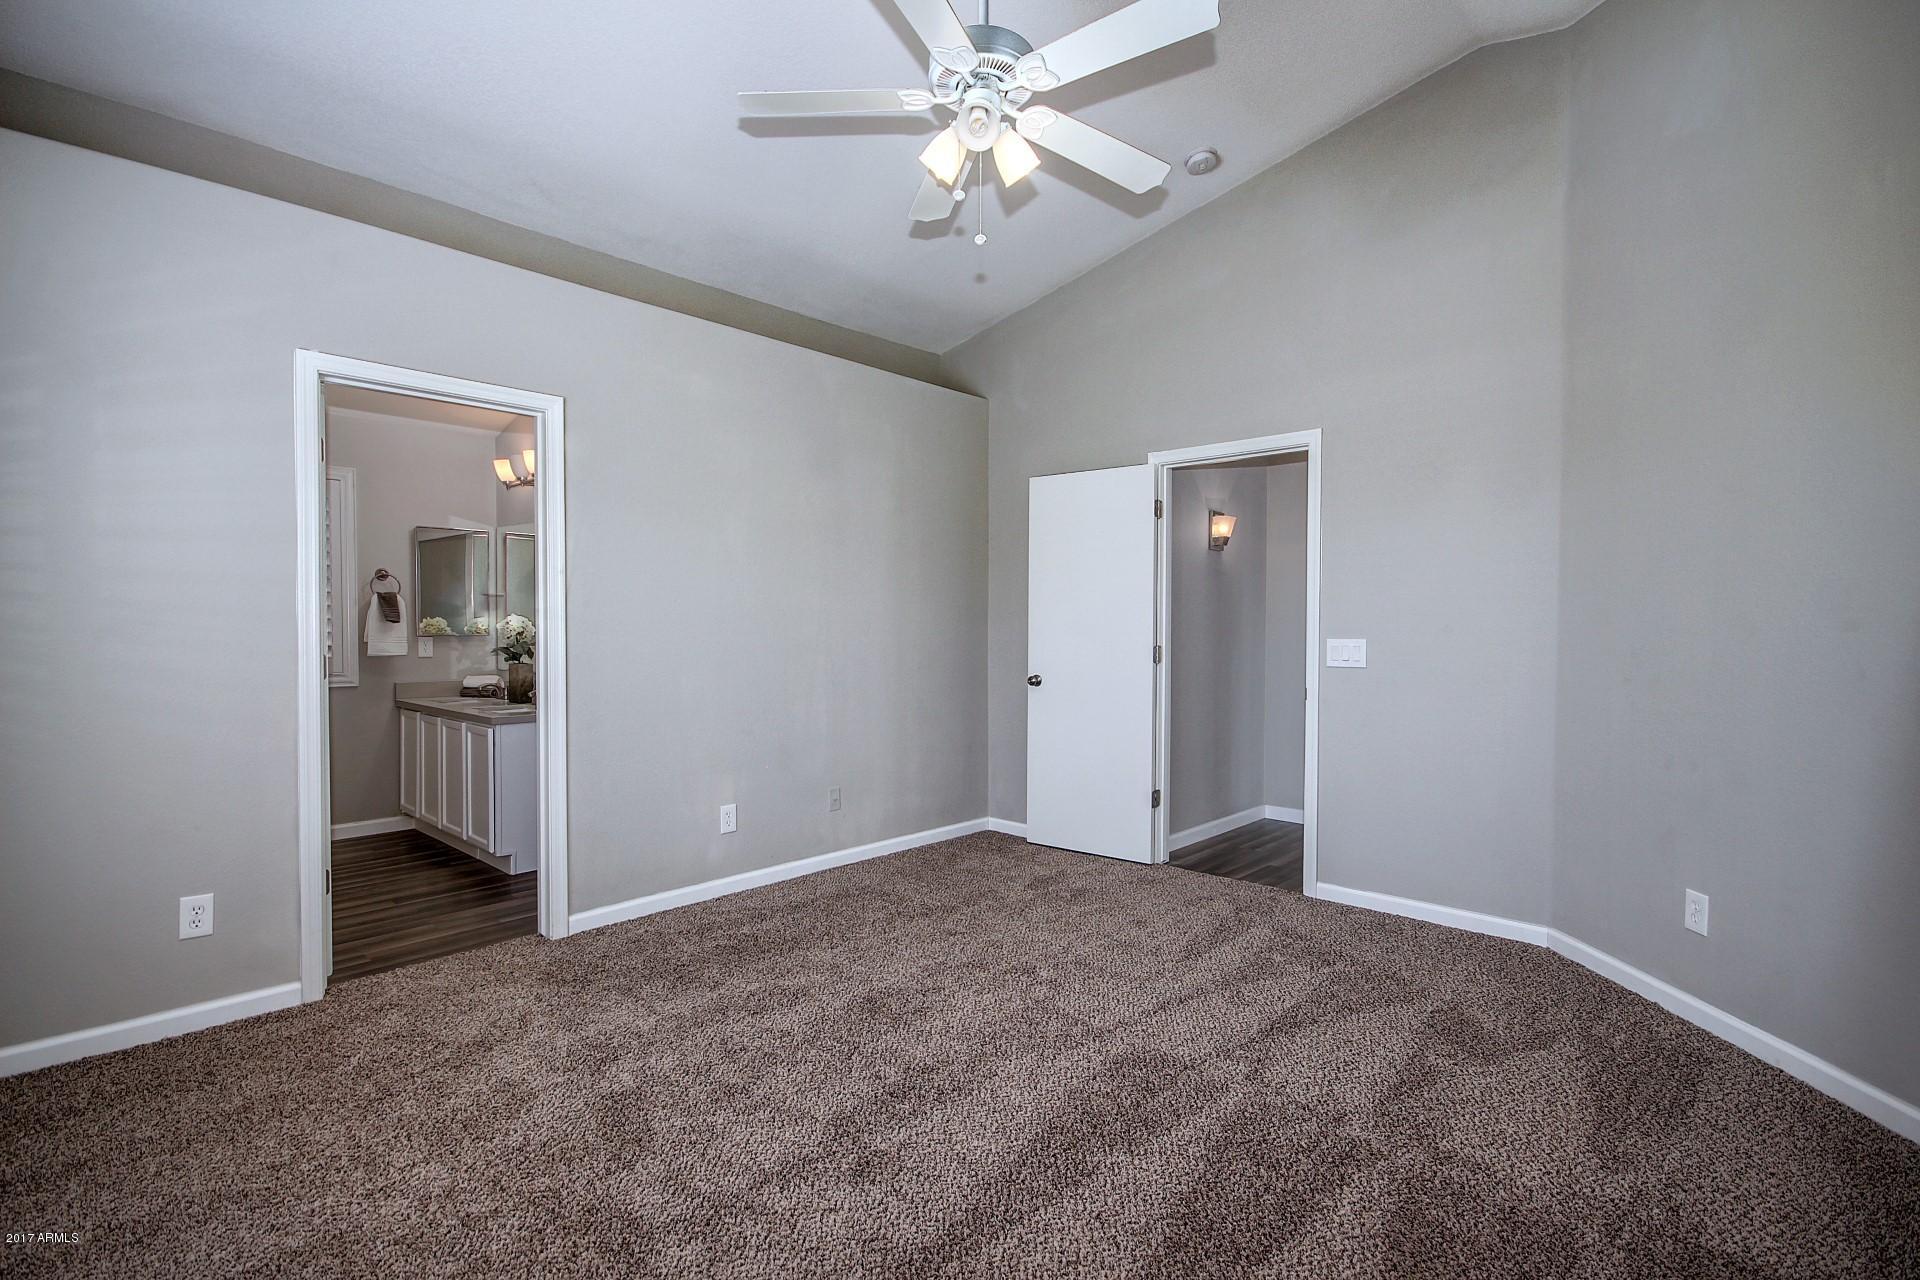 16169 W Davis  Road Surprise, AZ 85374 - img15